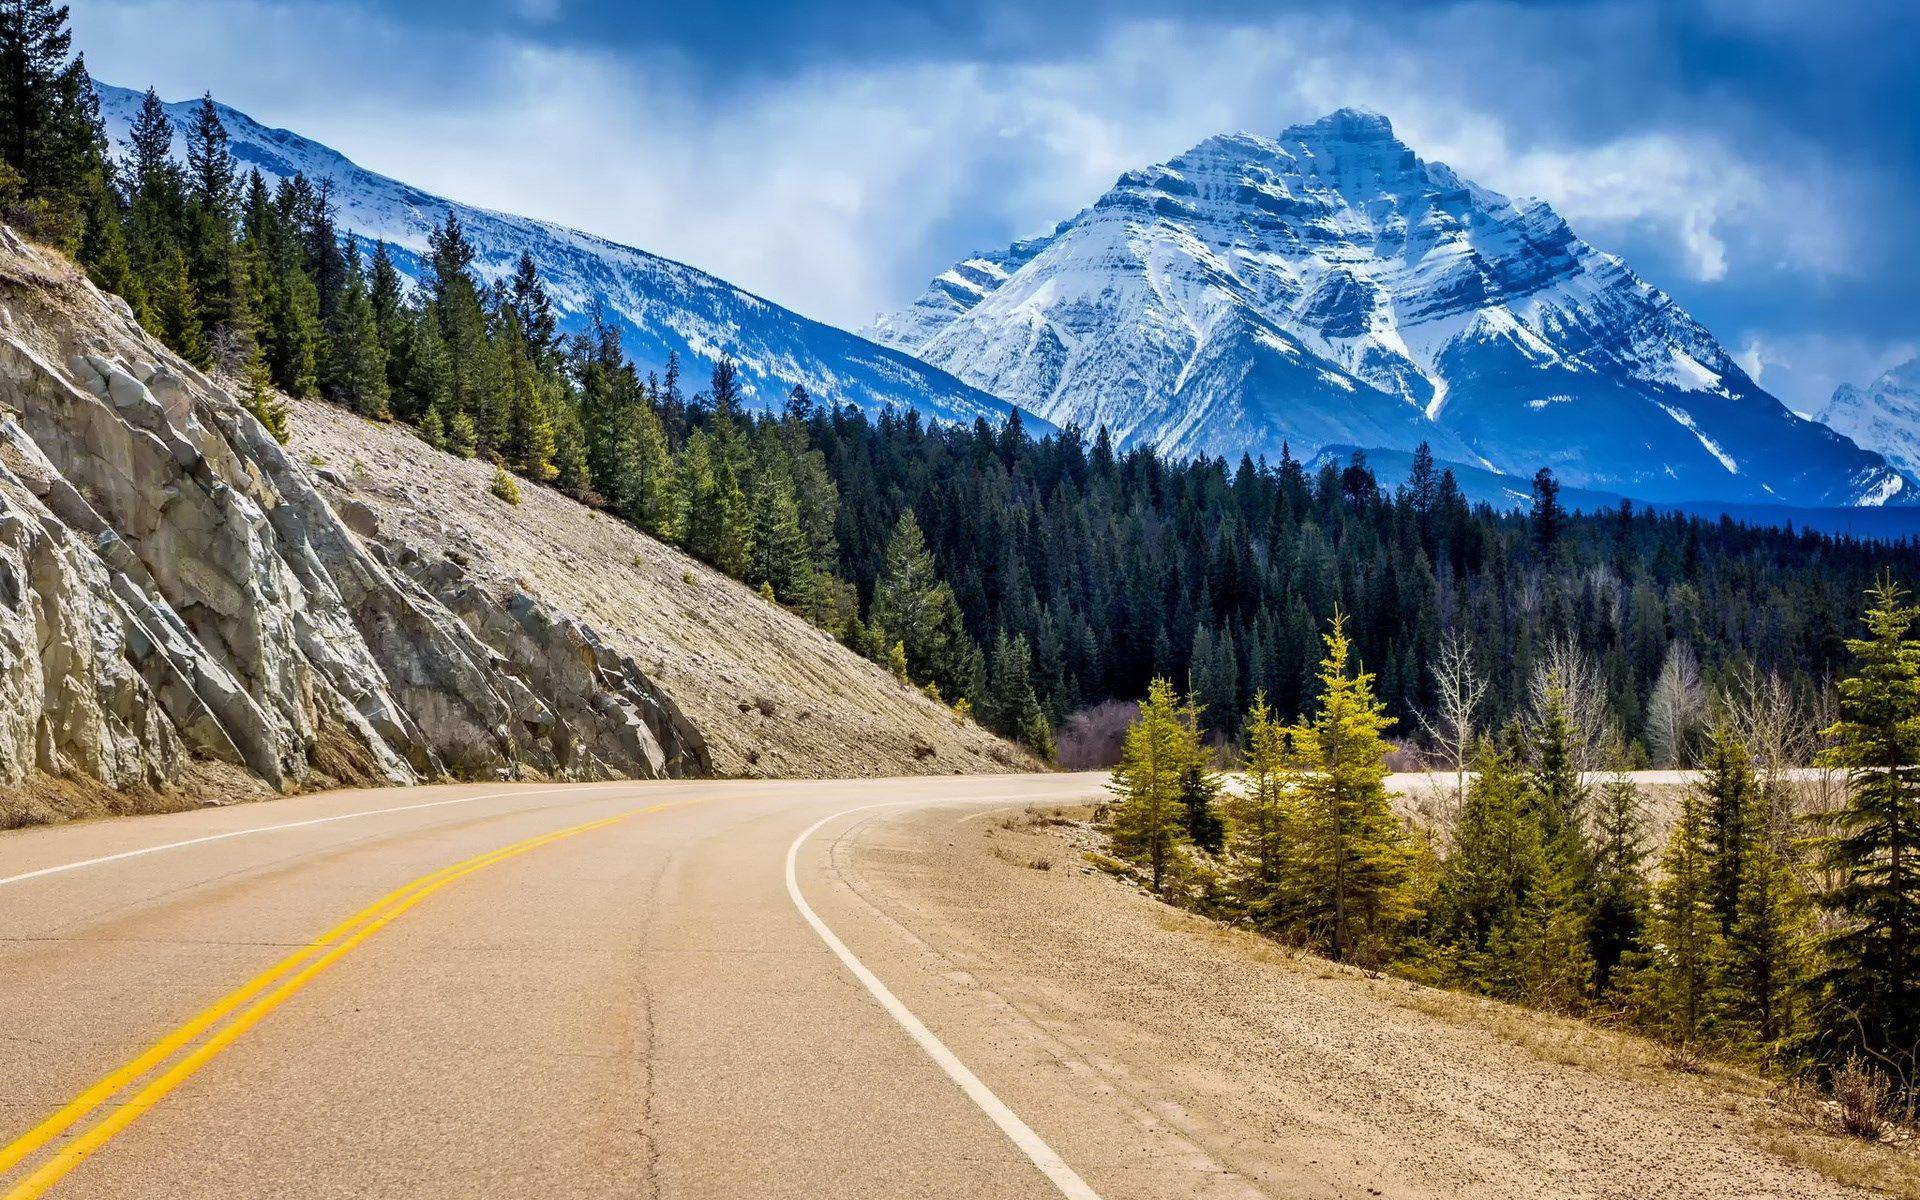 Download Nature Wallpaper For Desktop 1920x1200 Pemandangan Alam Perjalanan Kereta Api